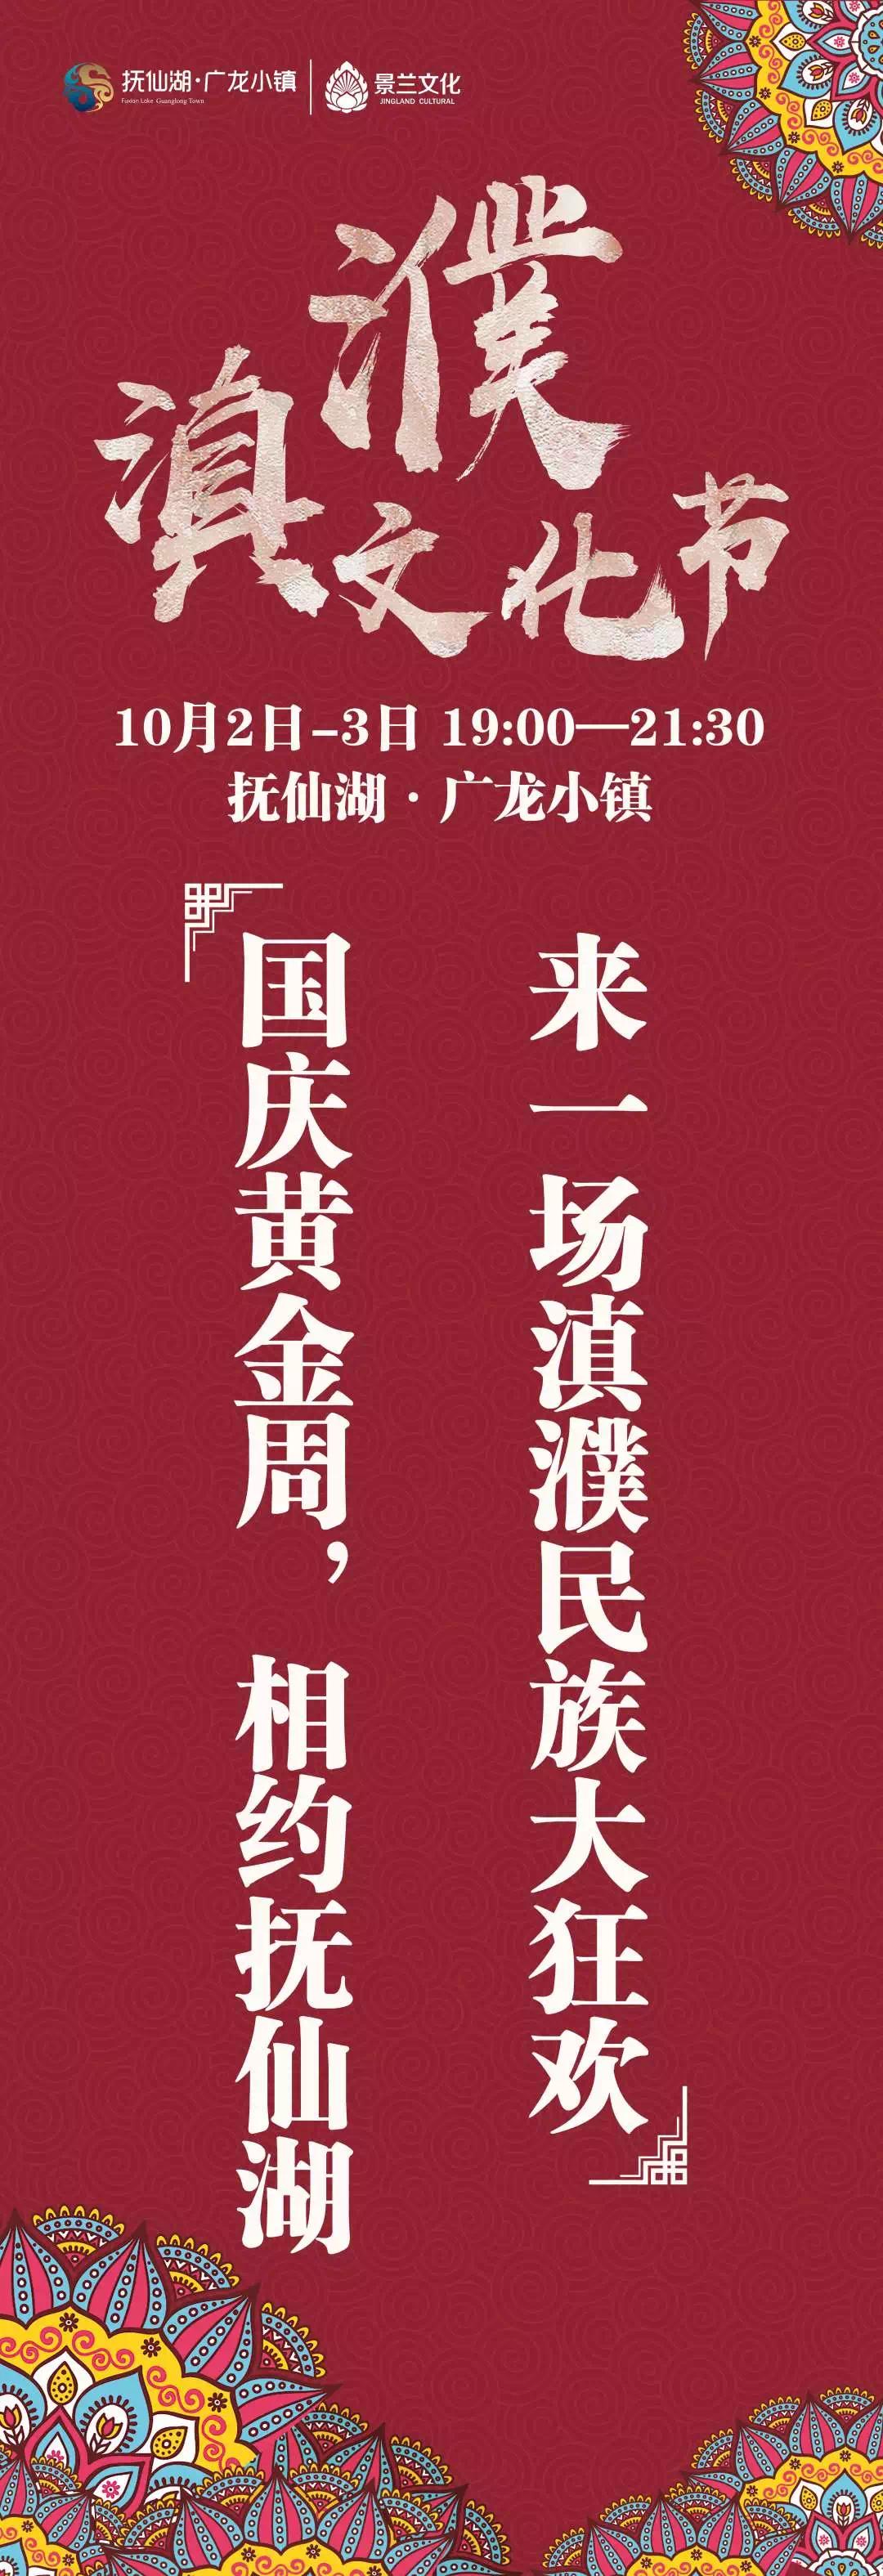 震撼 首届抚仙湖·滇濮民族文化艺术节超强预告!精彩内容抢先看